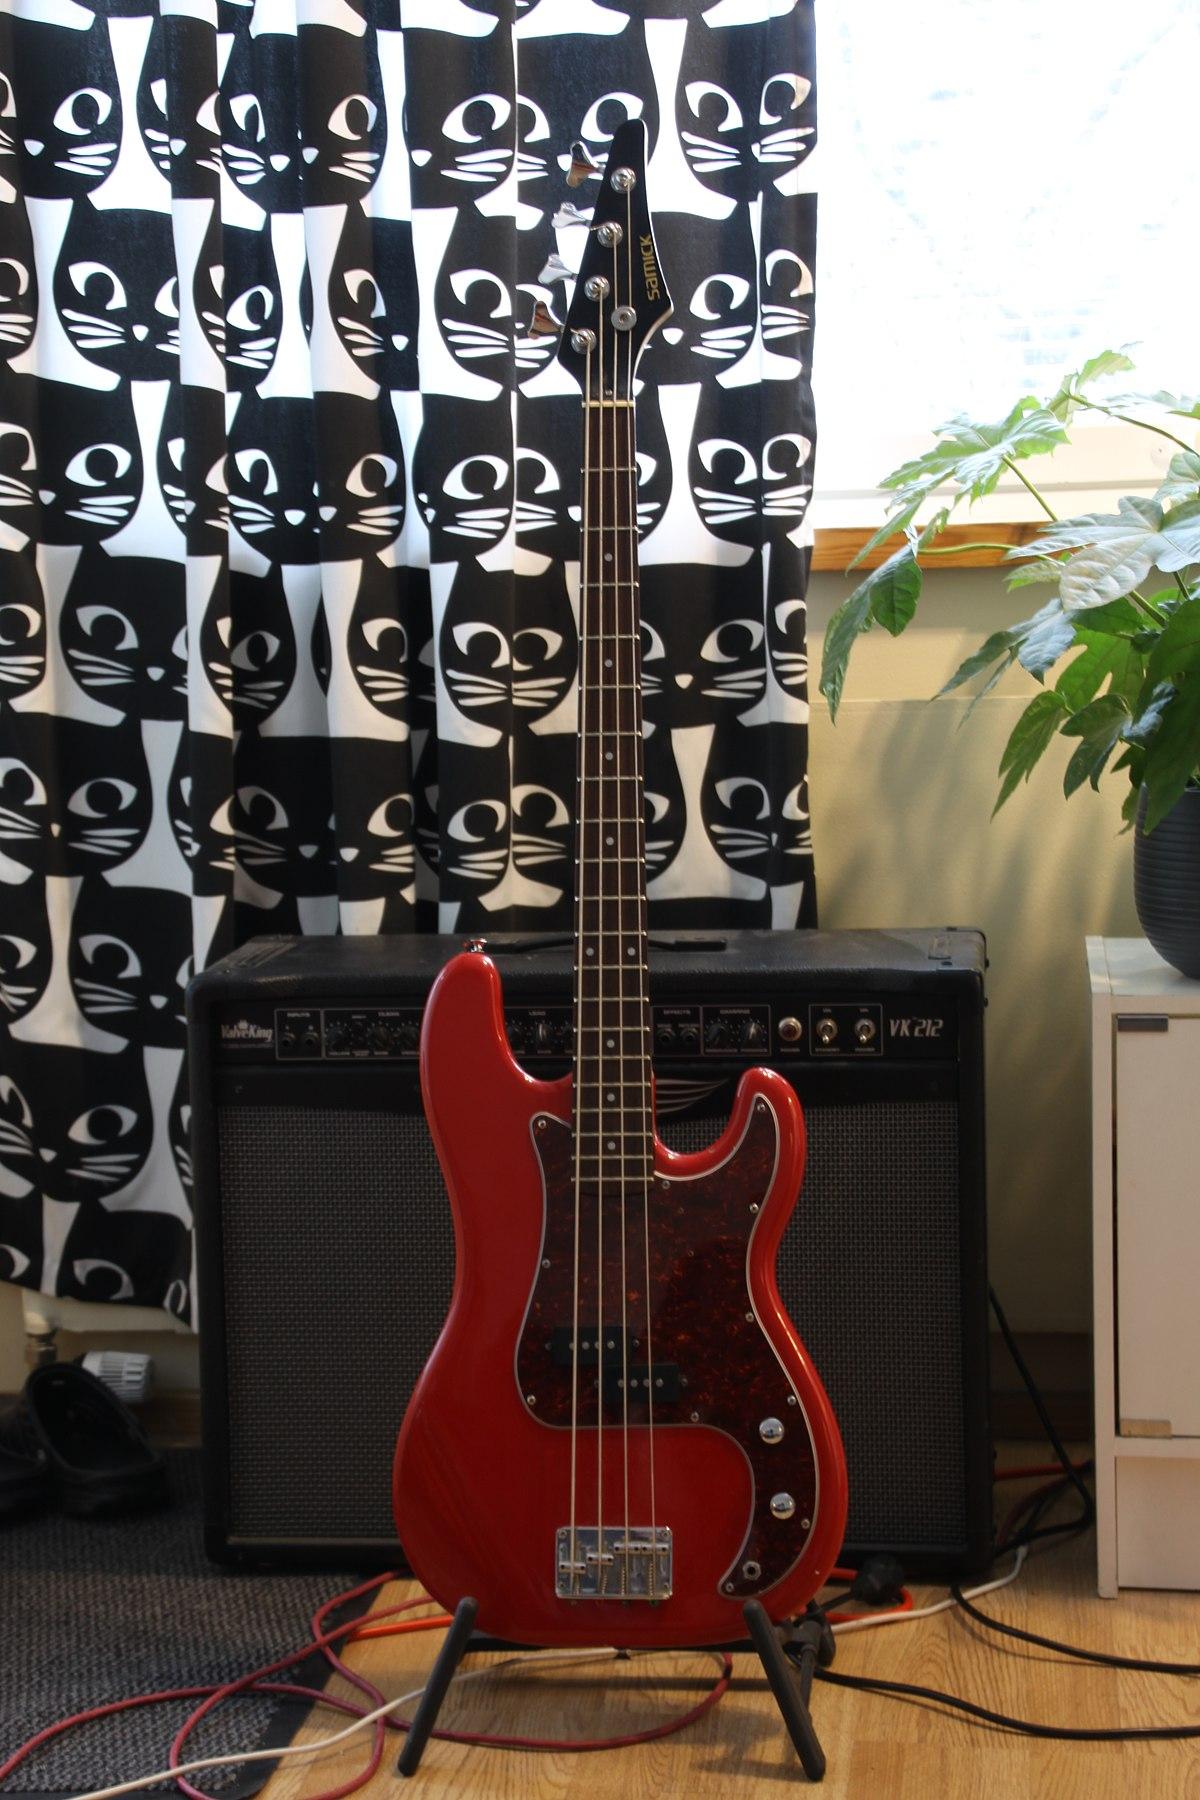 Samick Bass Guitar Wiring Diagram Wiring Diagram